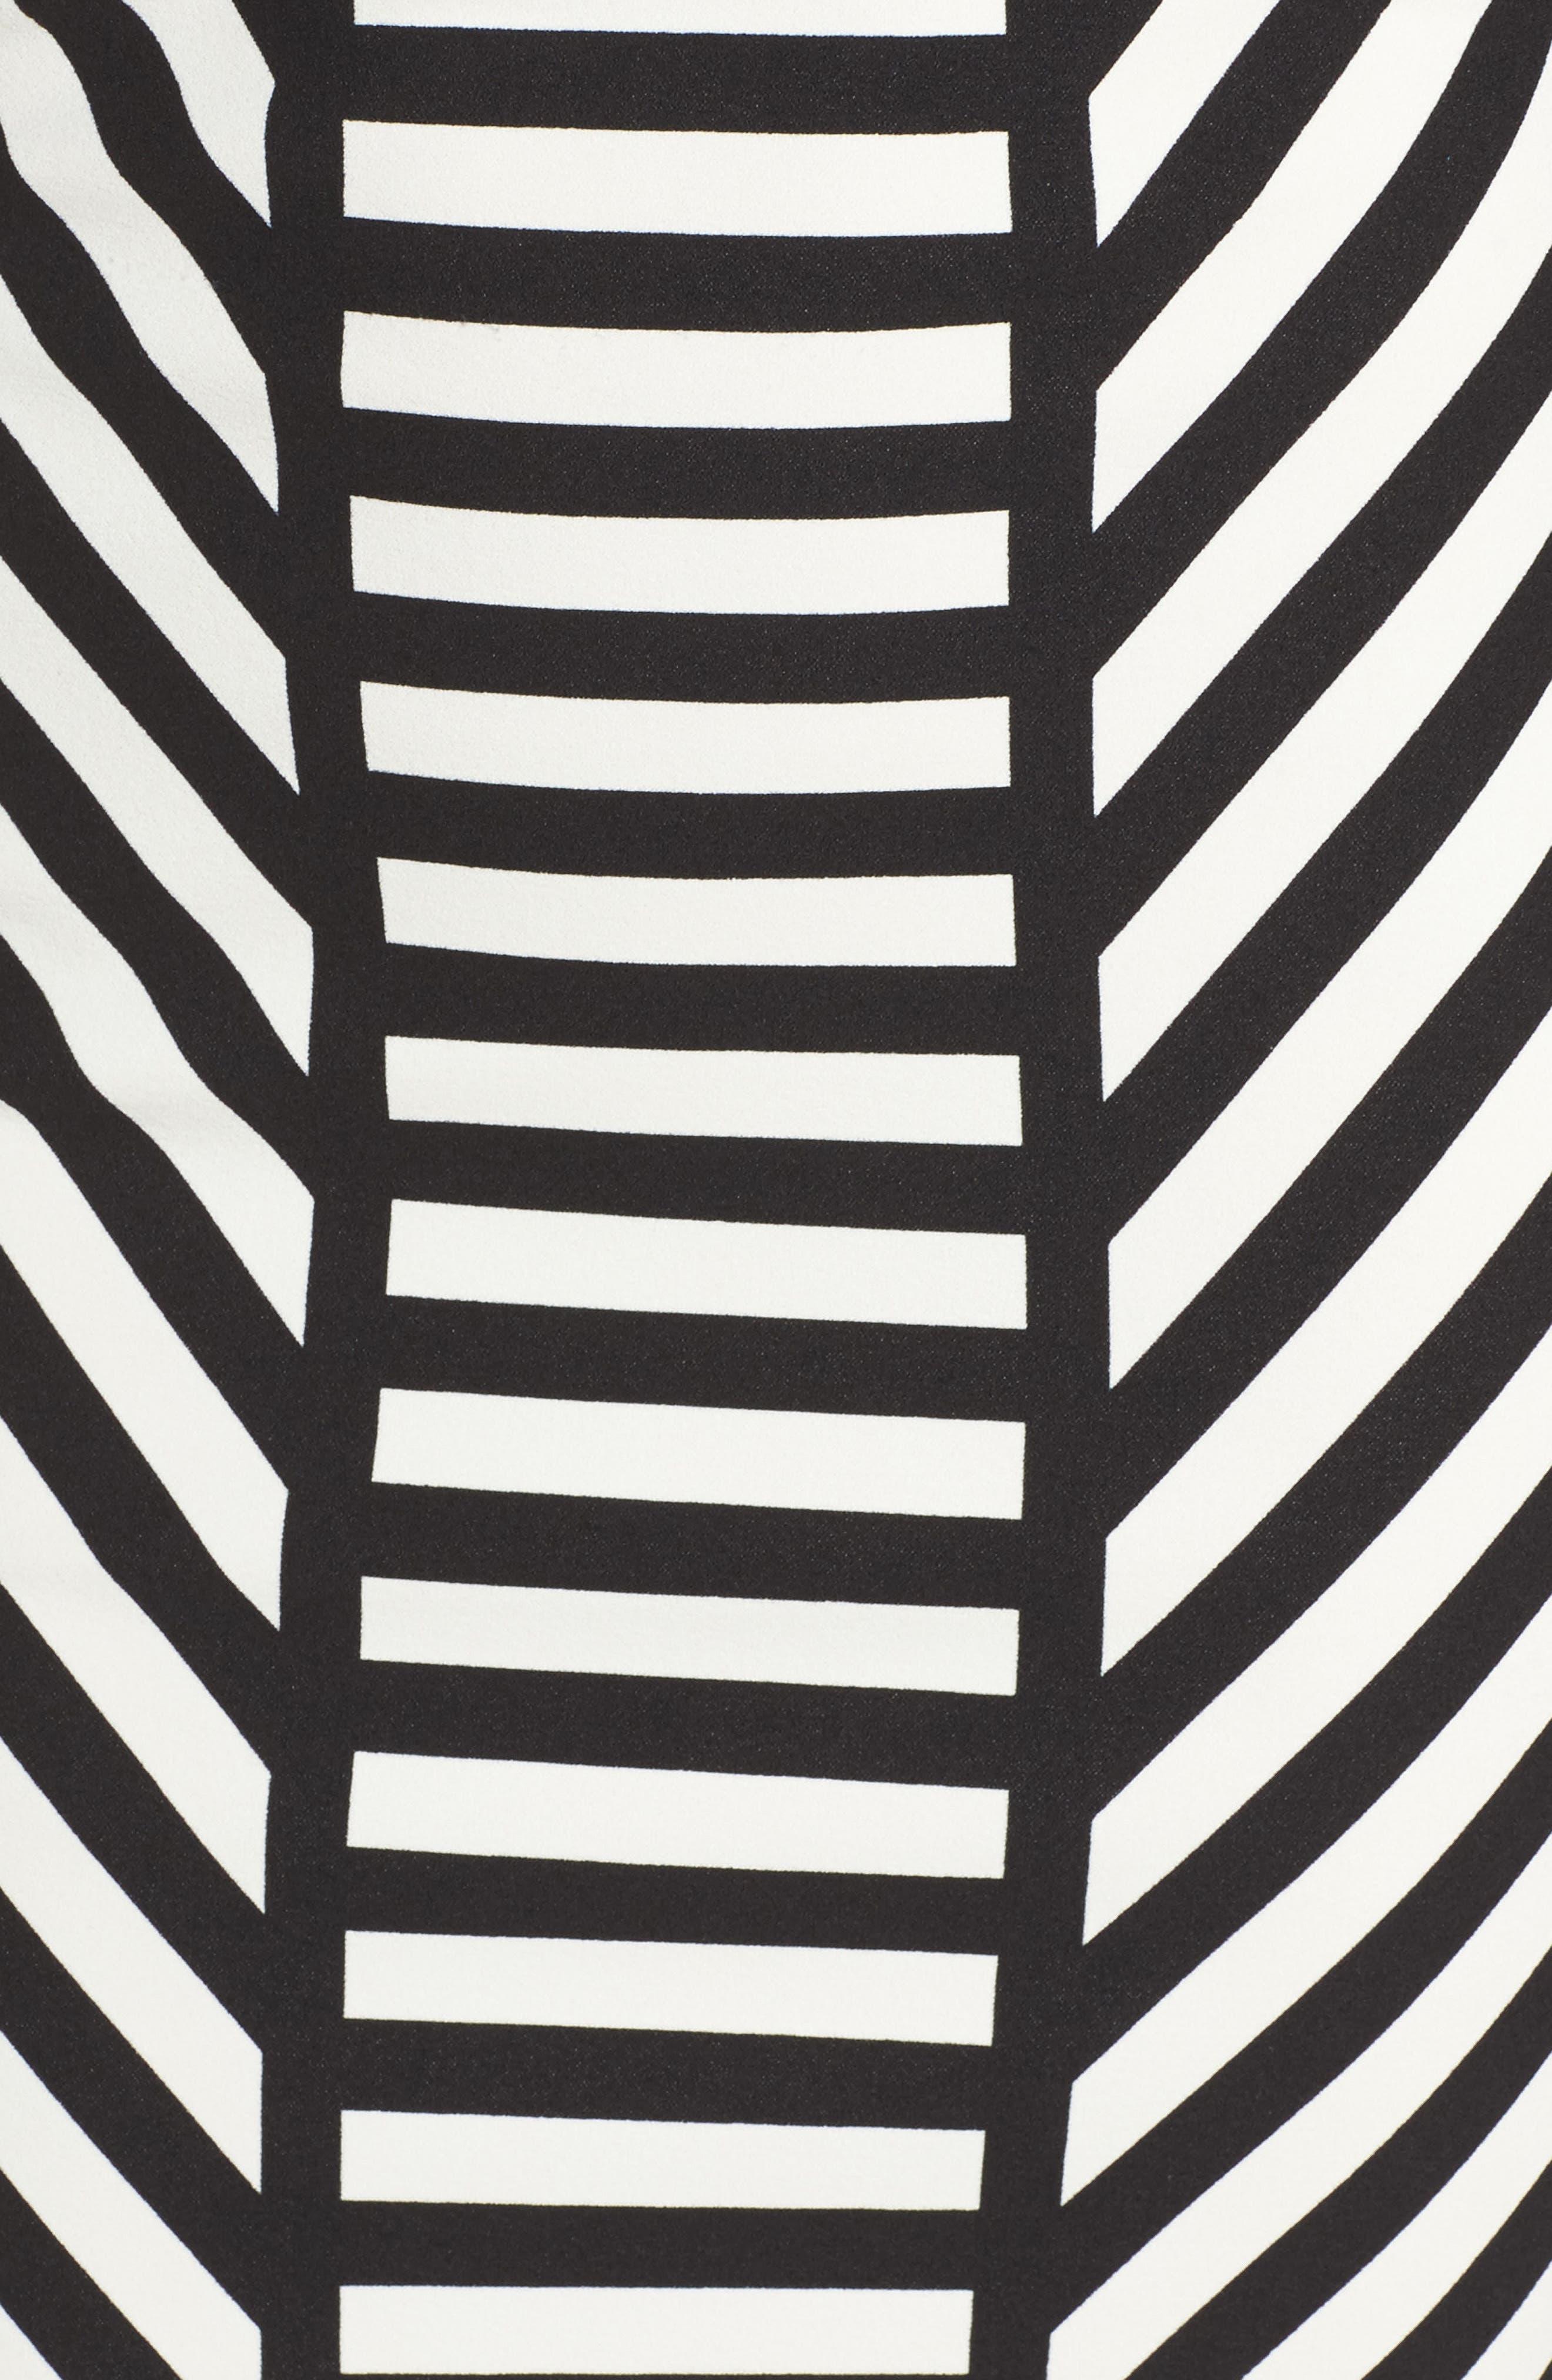 Stripe Sheath Dress,                             Alternate thumbnail 5, color,                             001